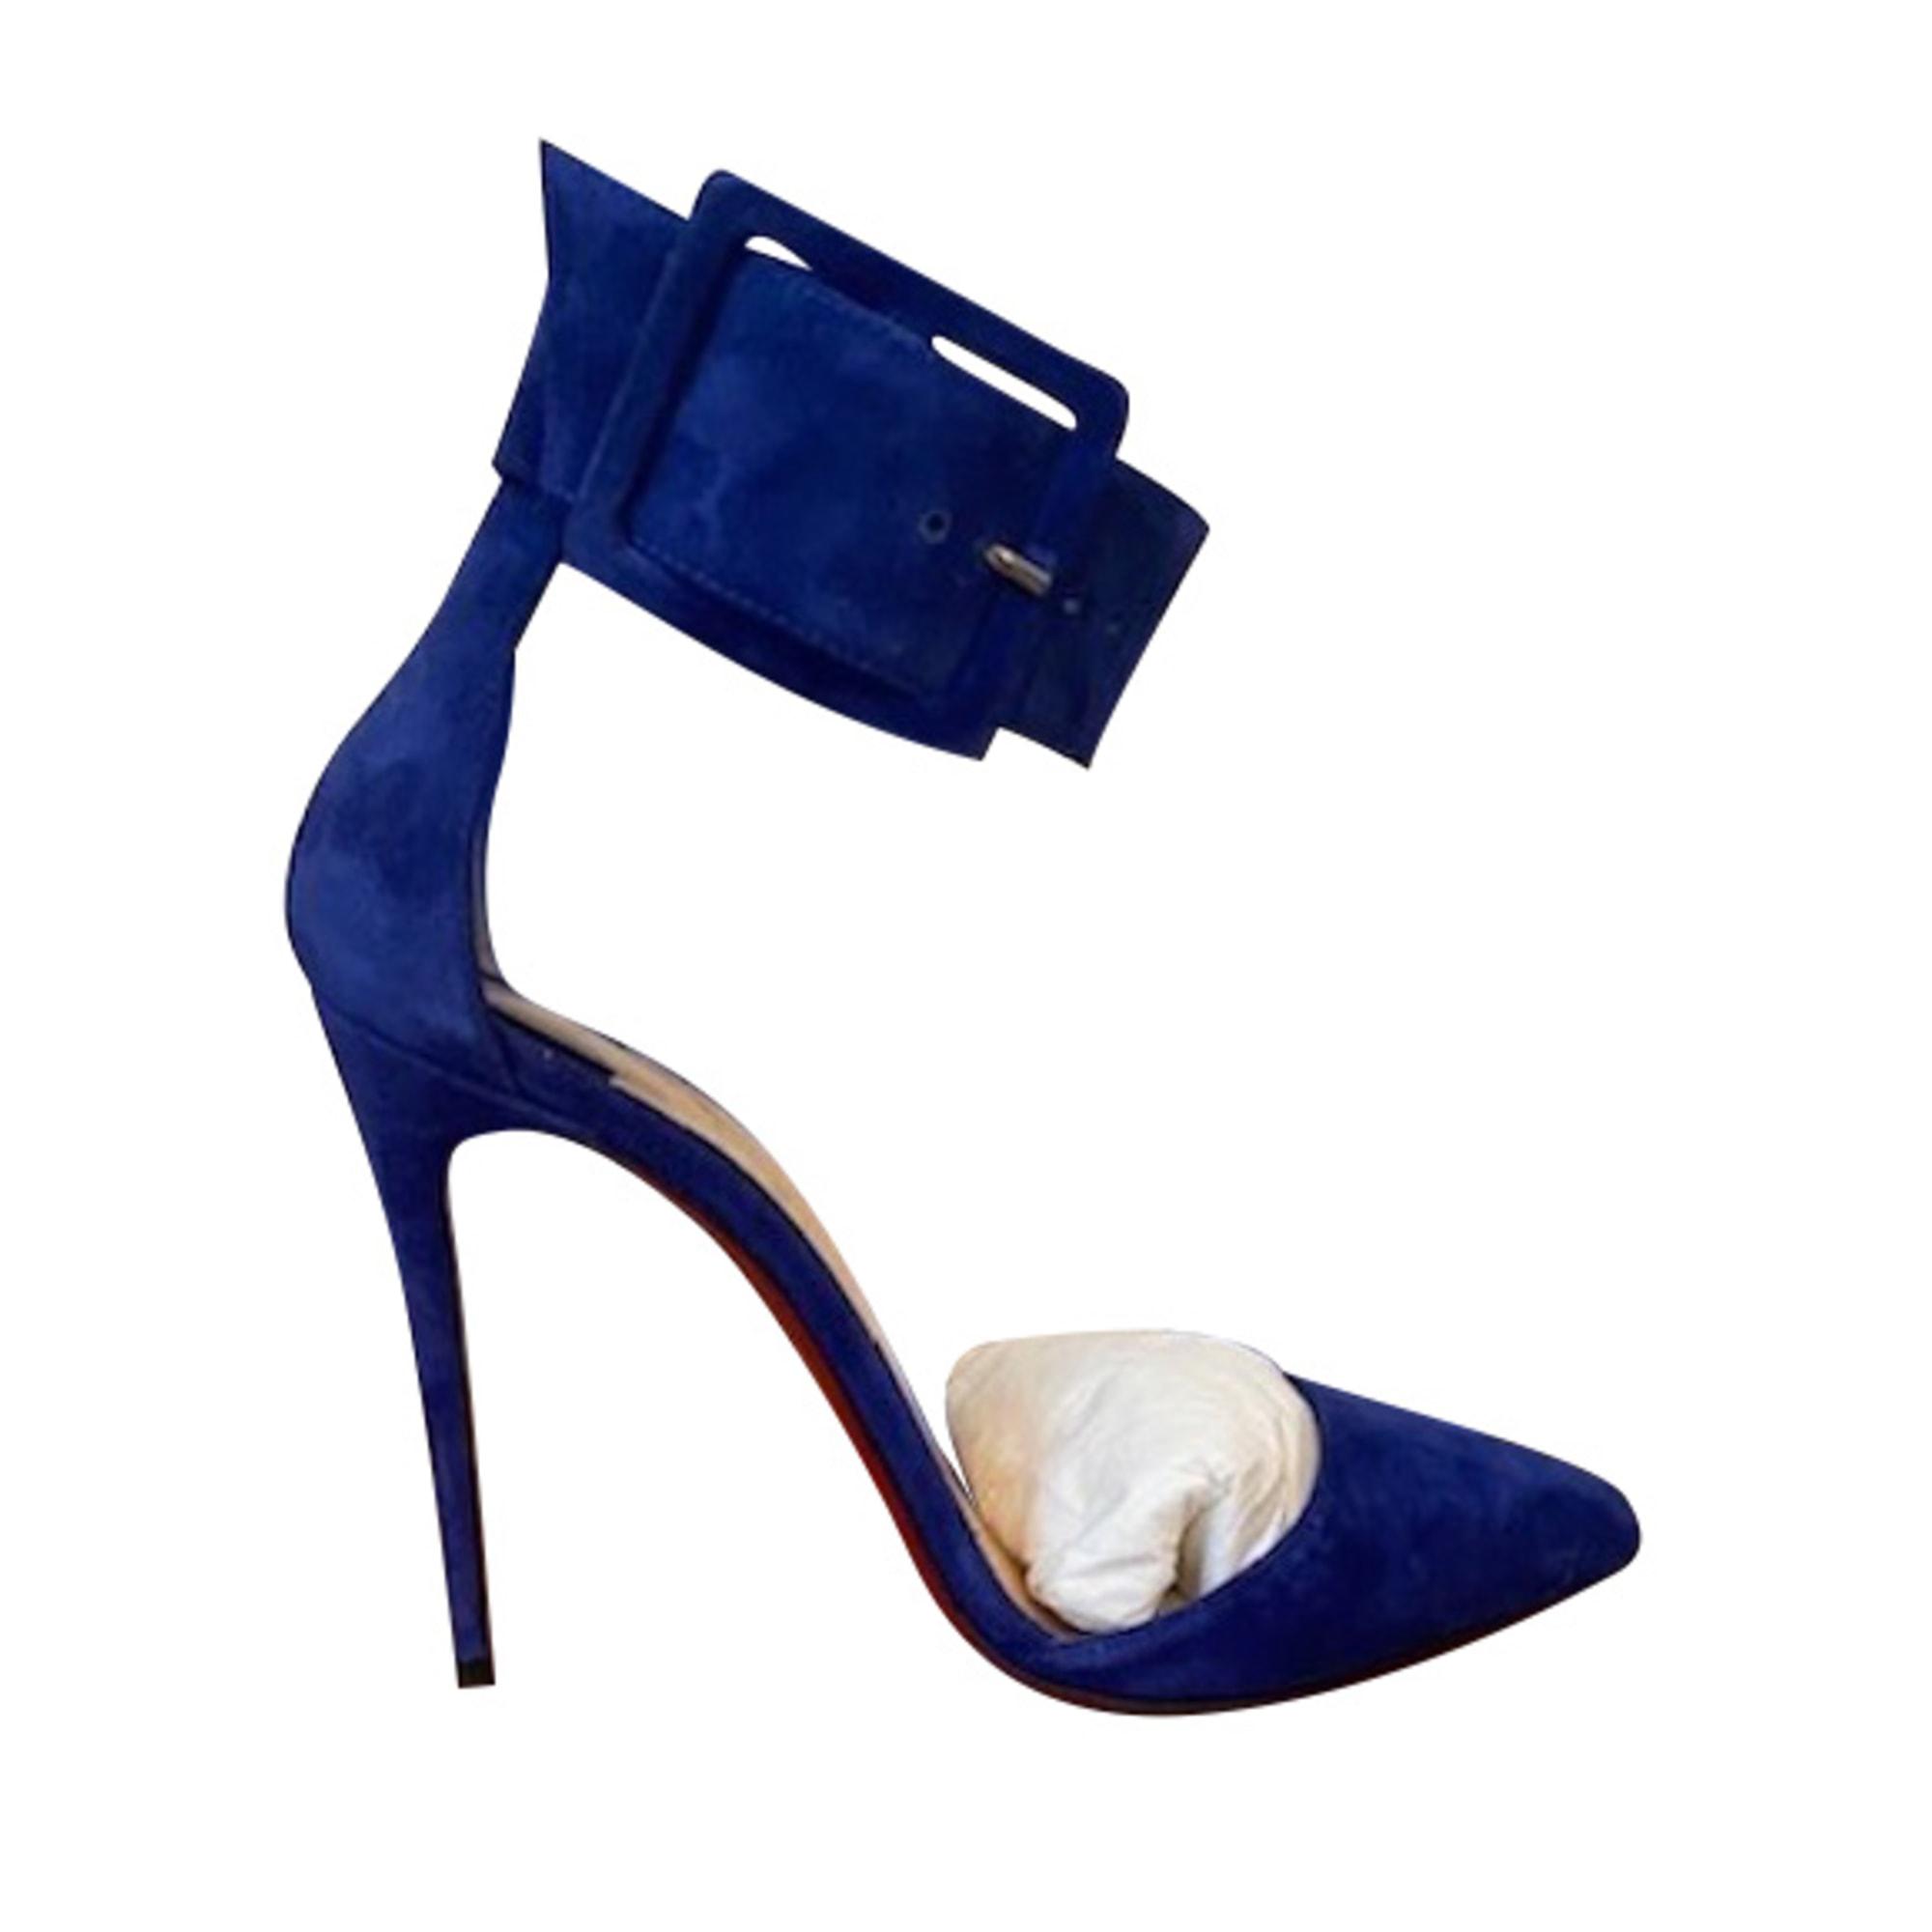 escarpins louboutin bleu marine